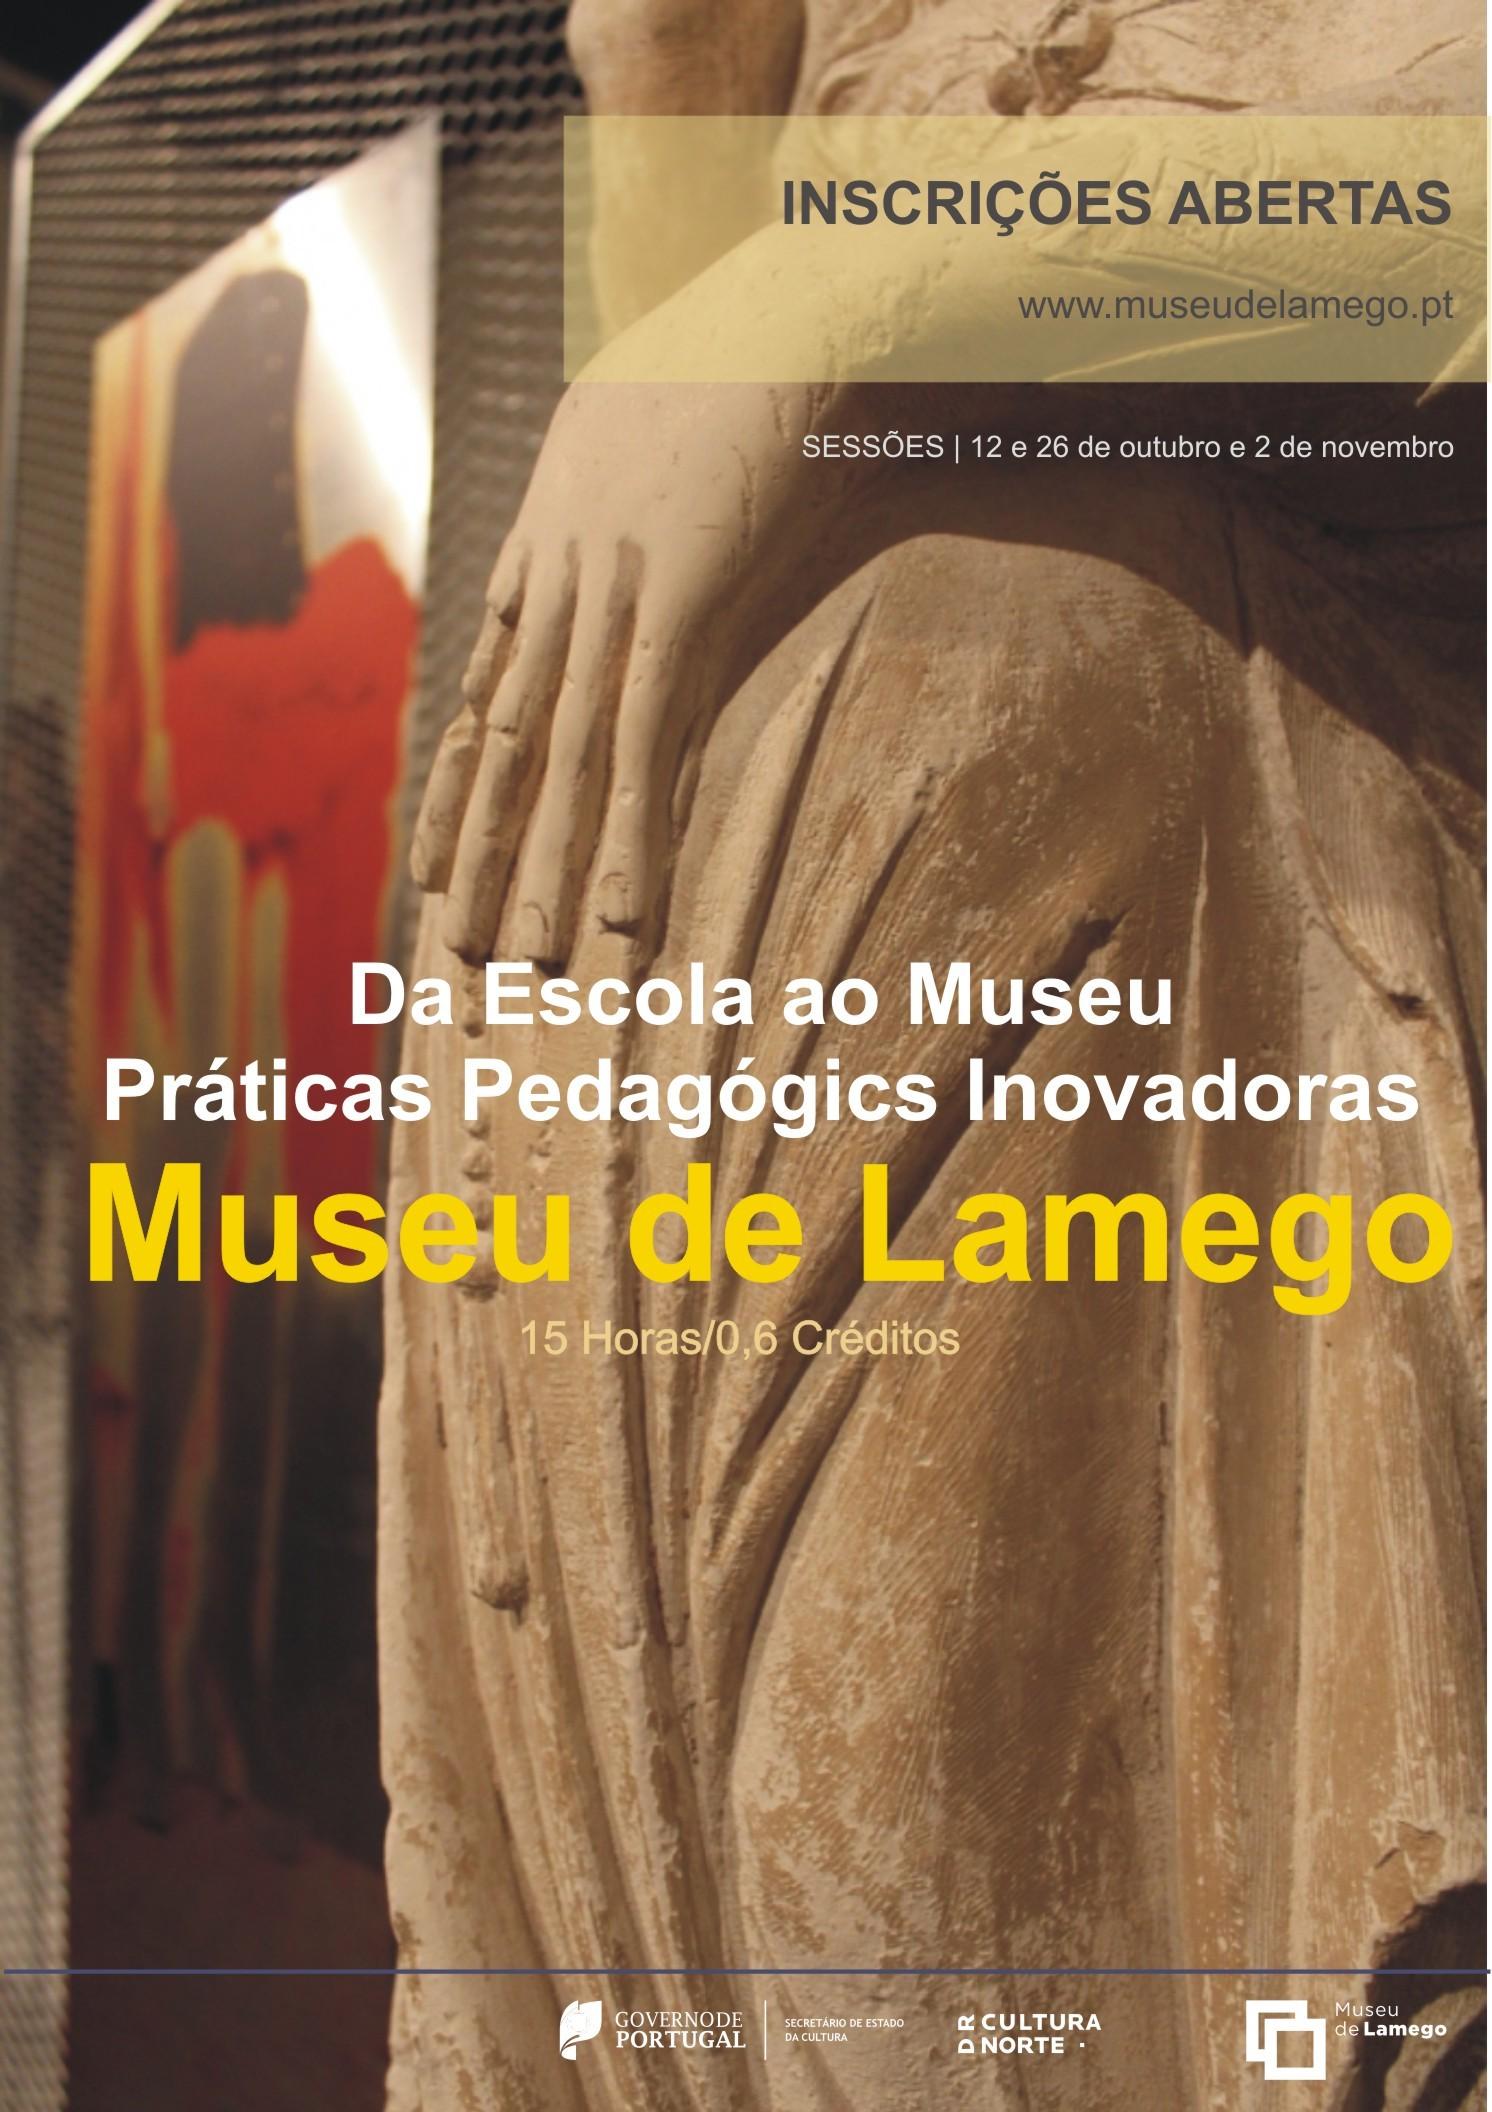 Da esola ao museu_cartaz